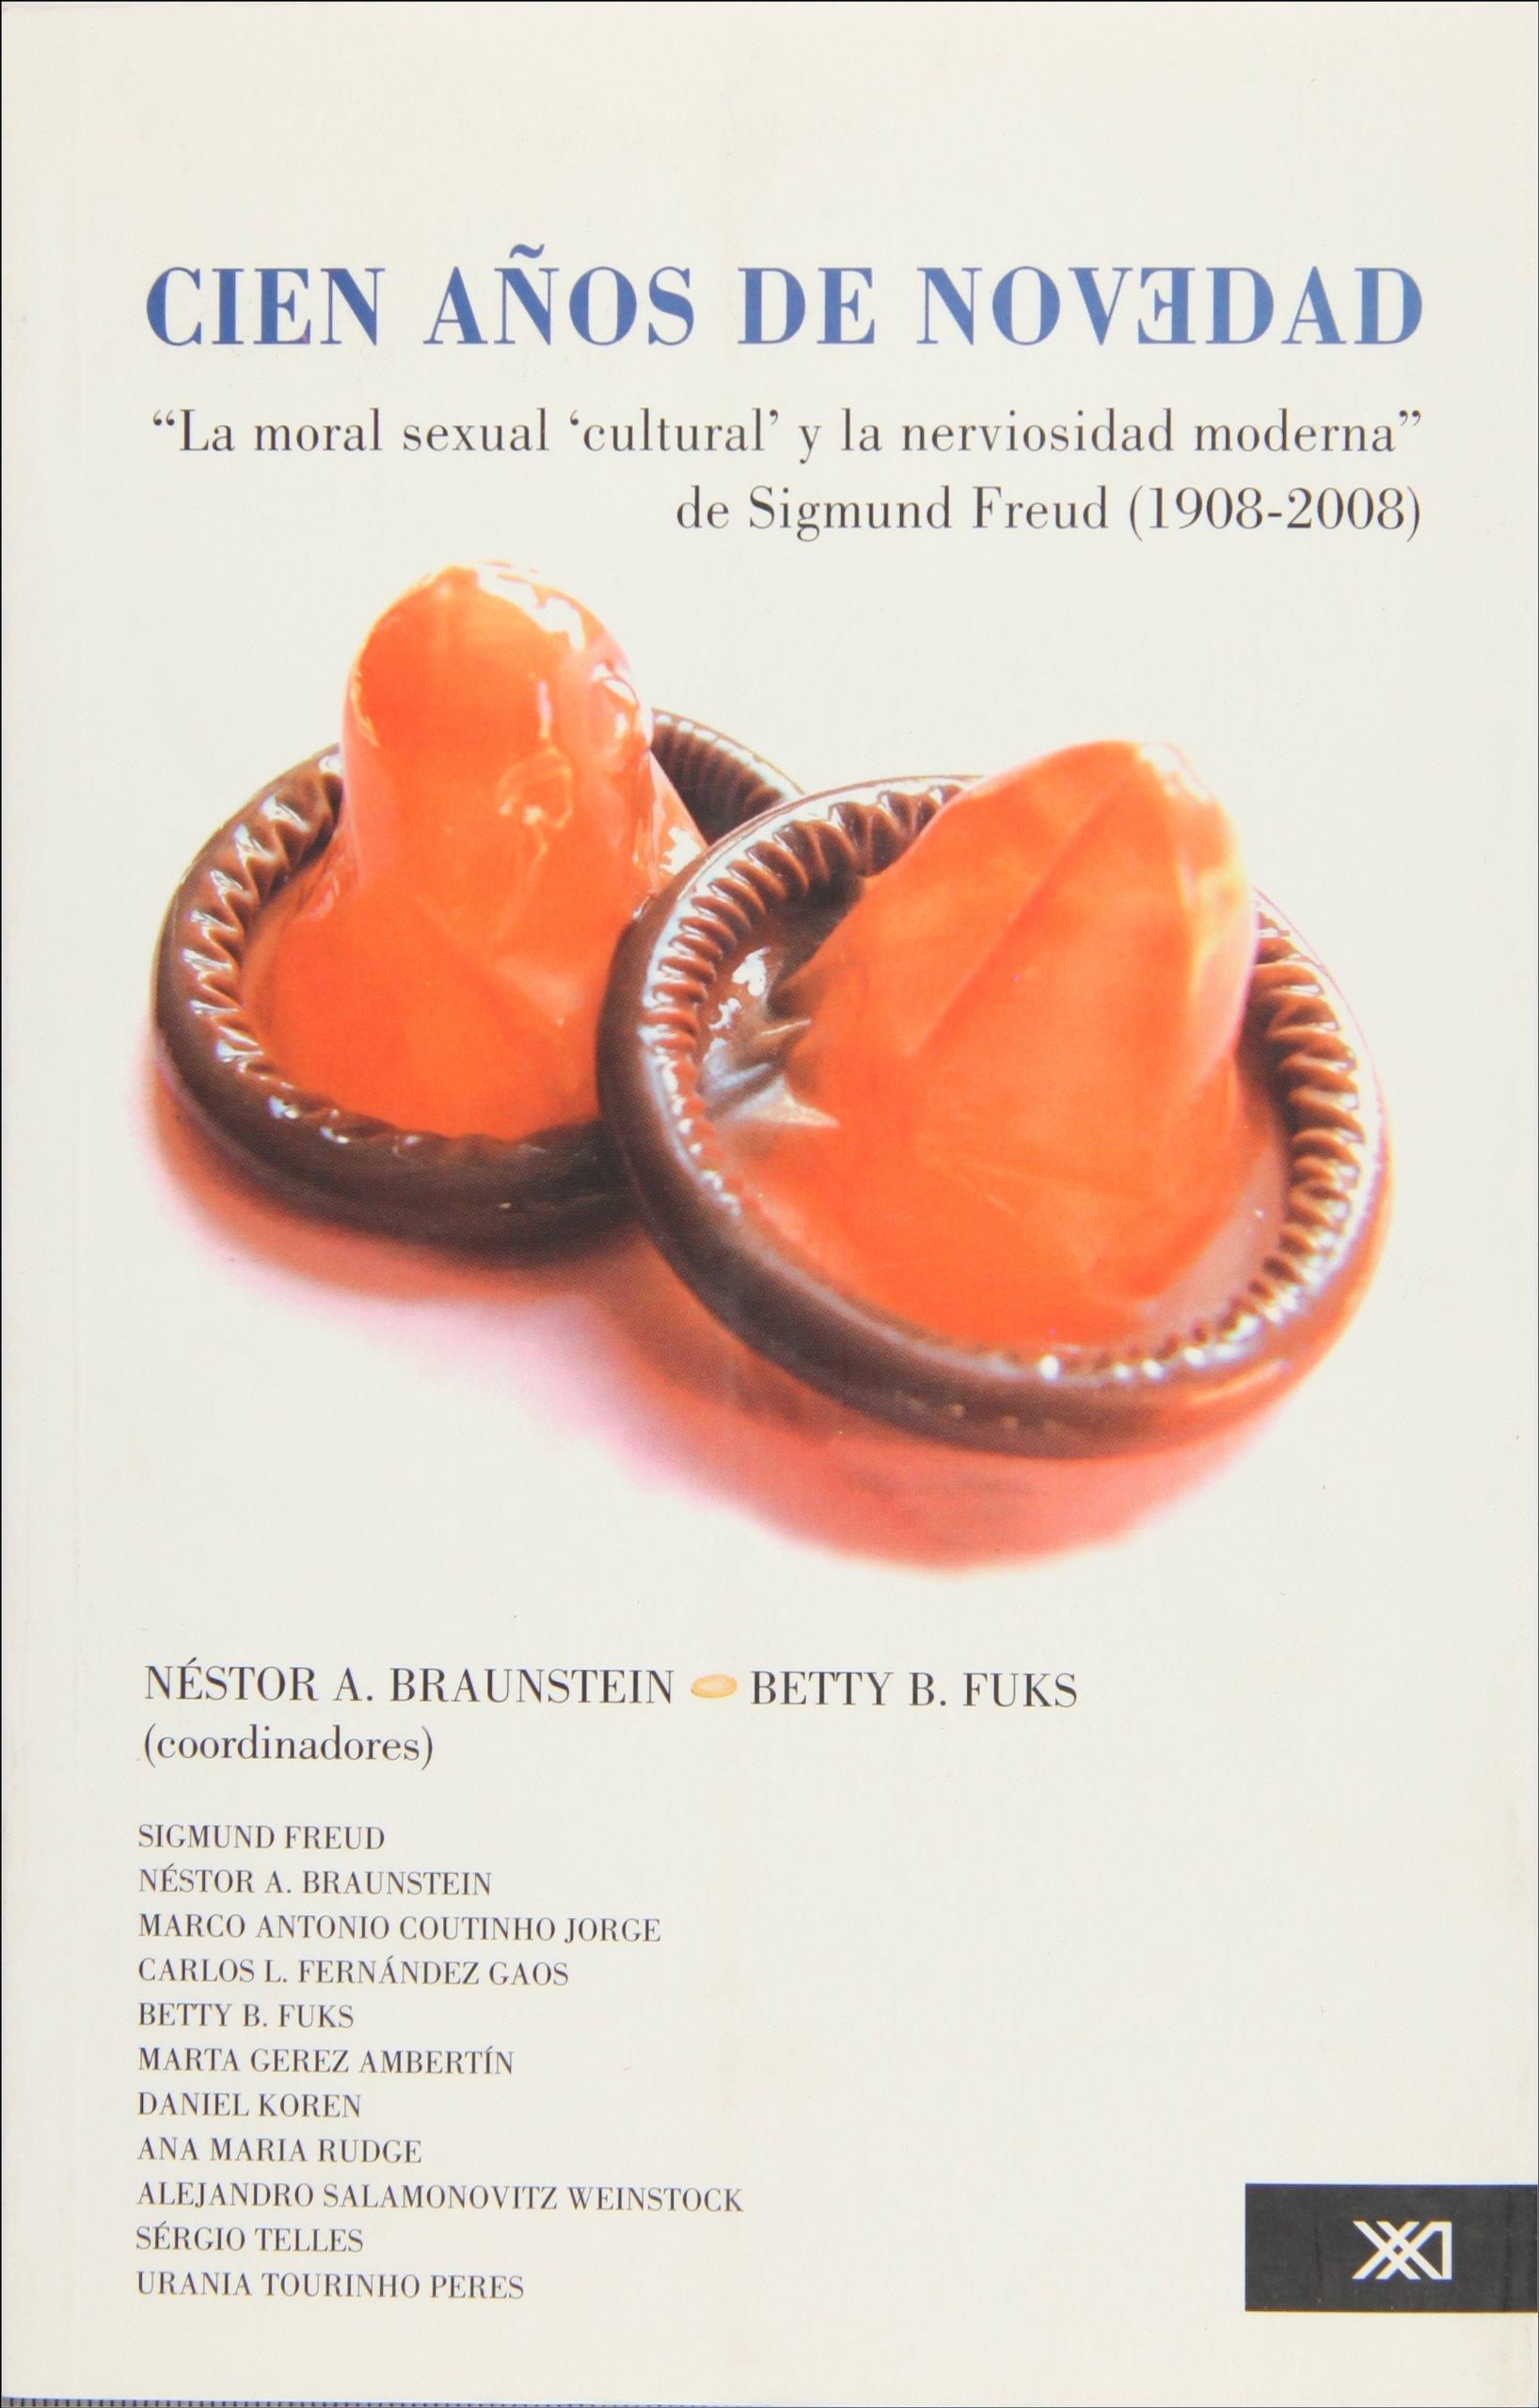 Cien anos de novedad. La moral sexual cultural y la nerviosidad moderna de Sigmund Freud (1908-2008) (Spanish Edition) pdf